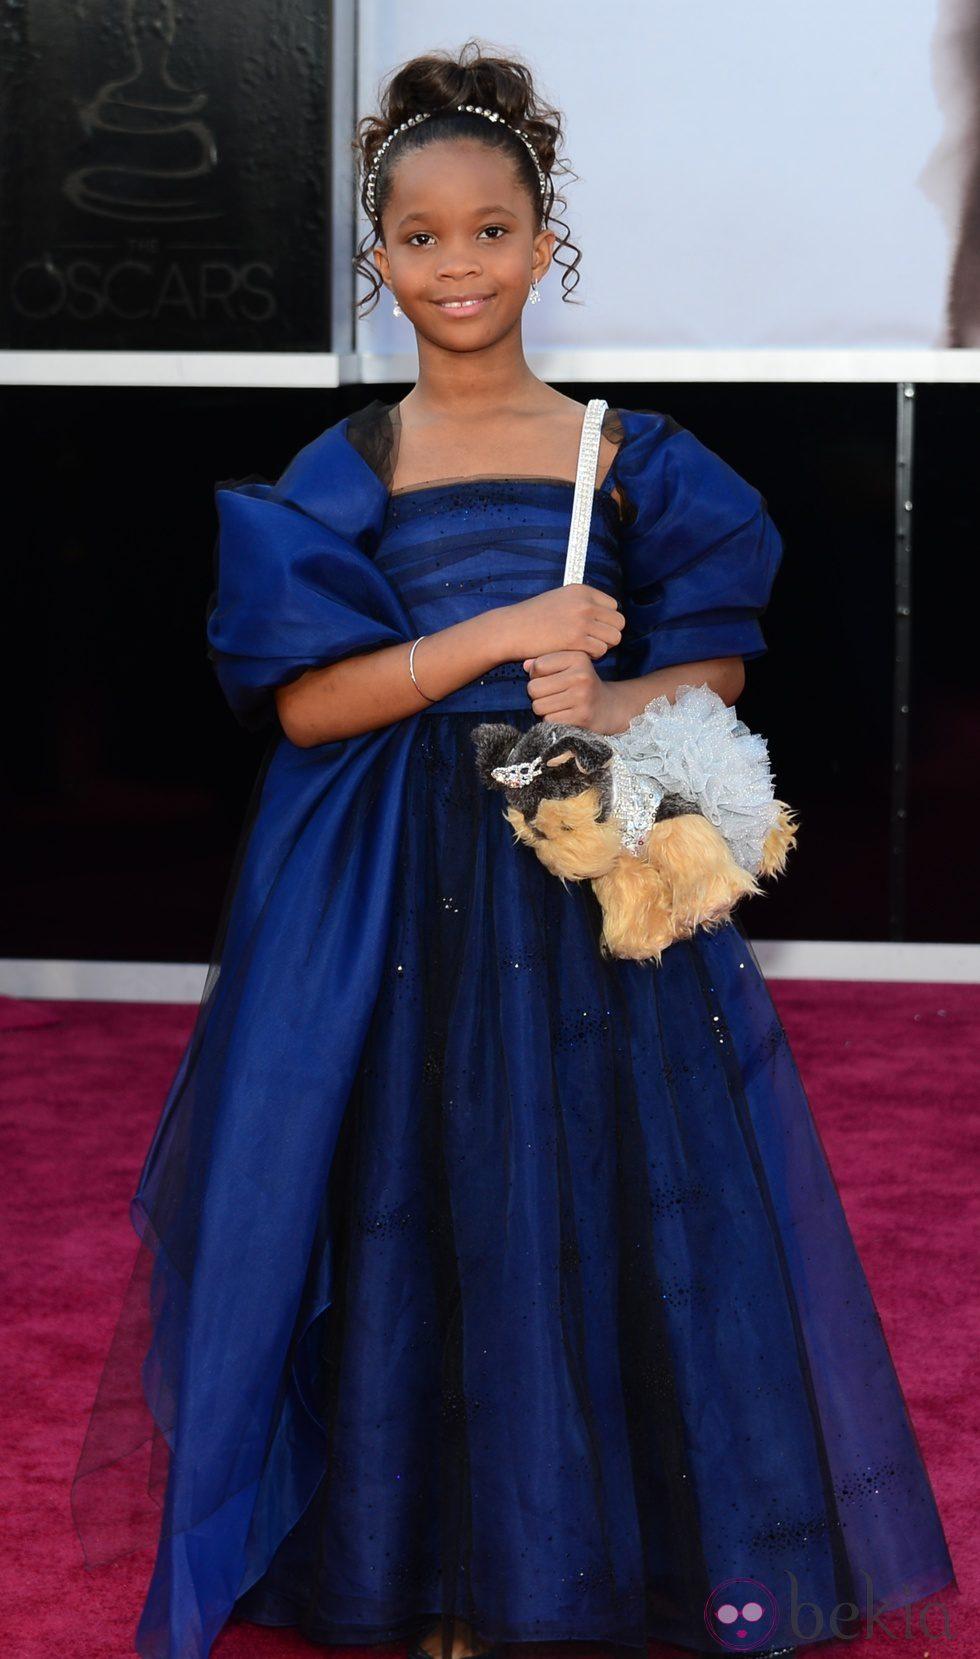 Quvenzhané Wallis en la alfombra roja de los Oscar 2013